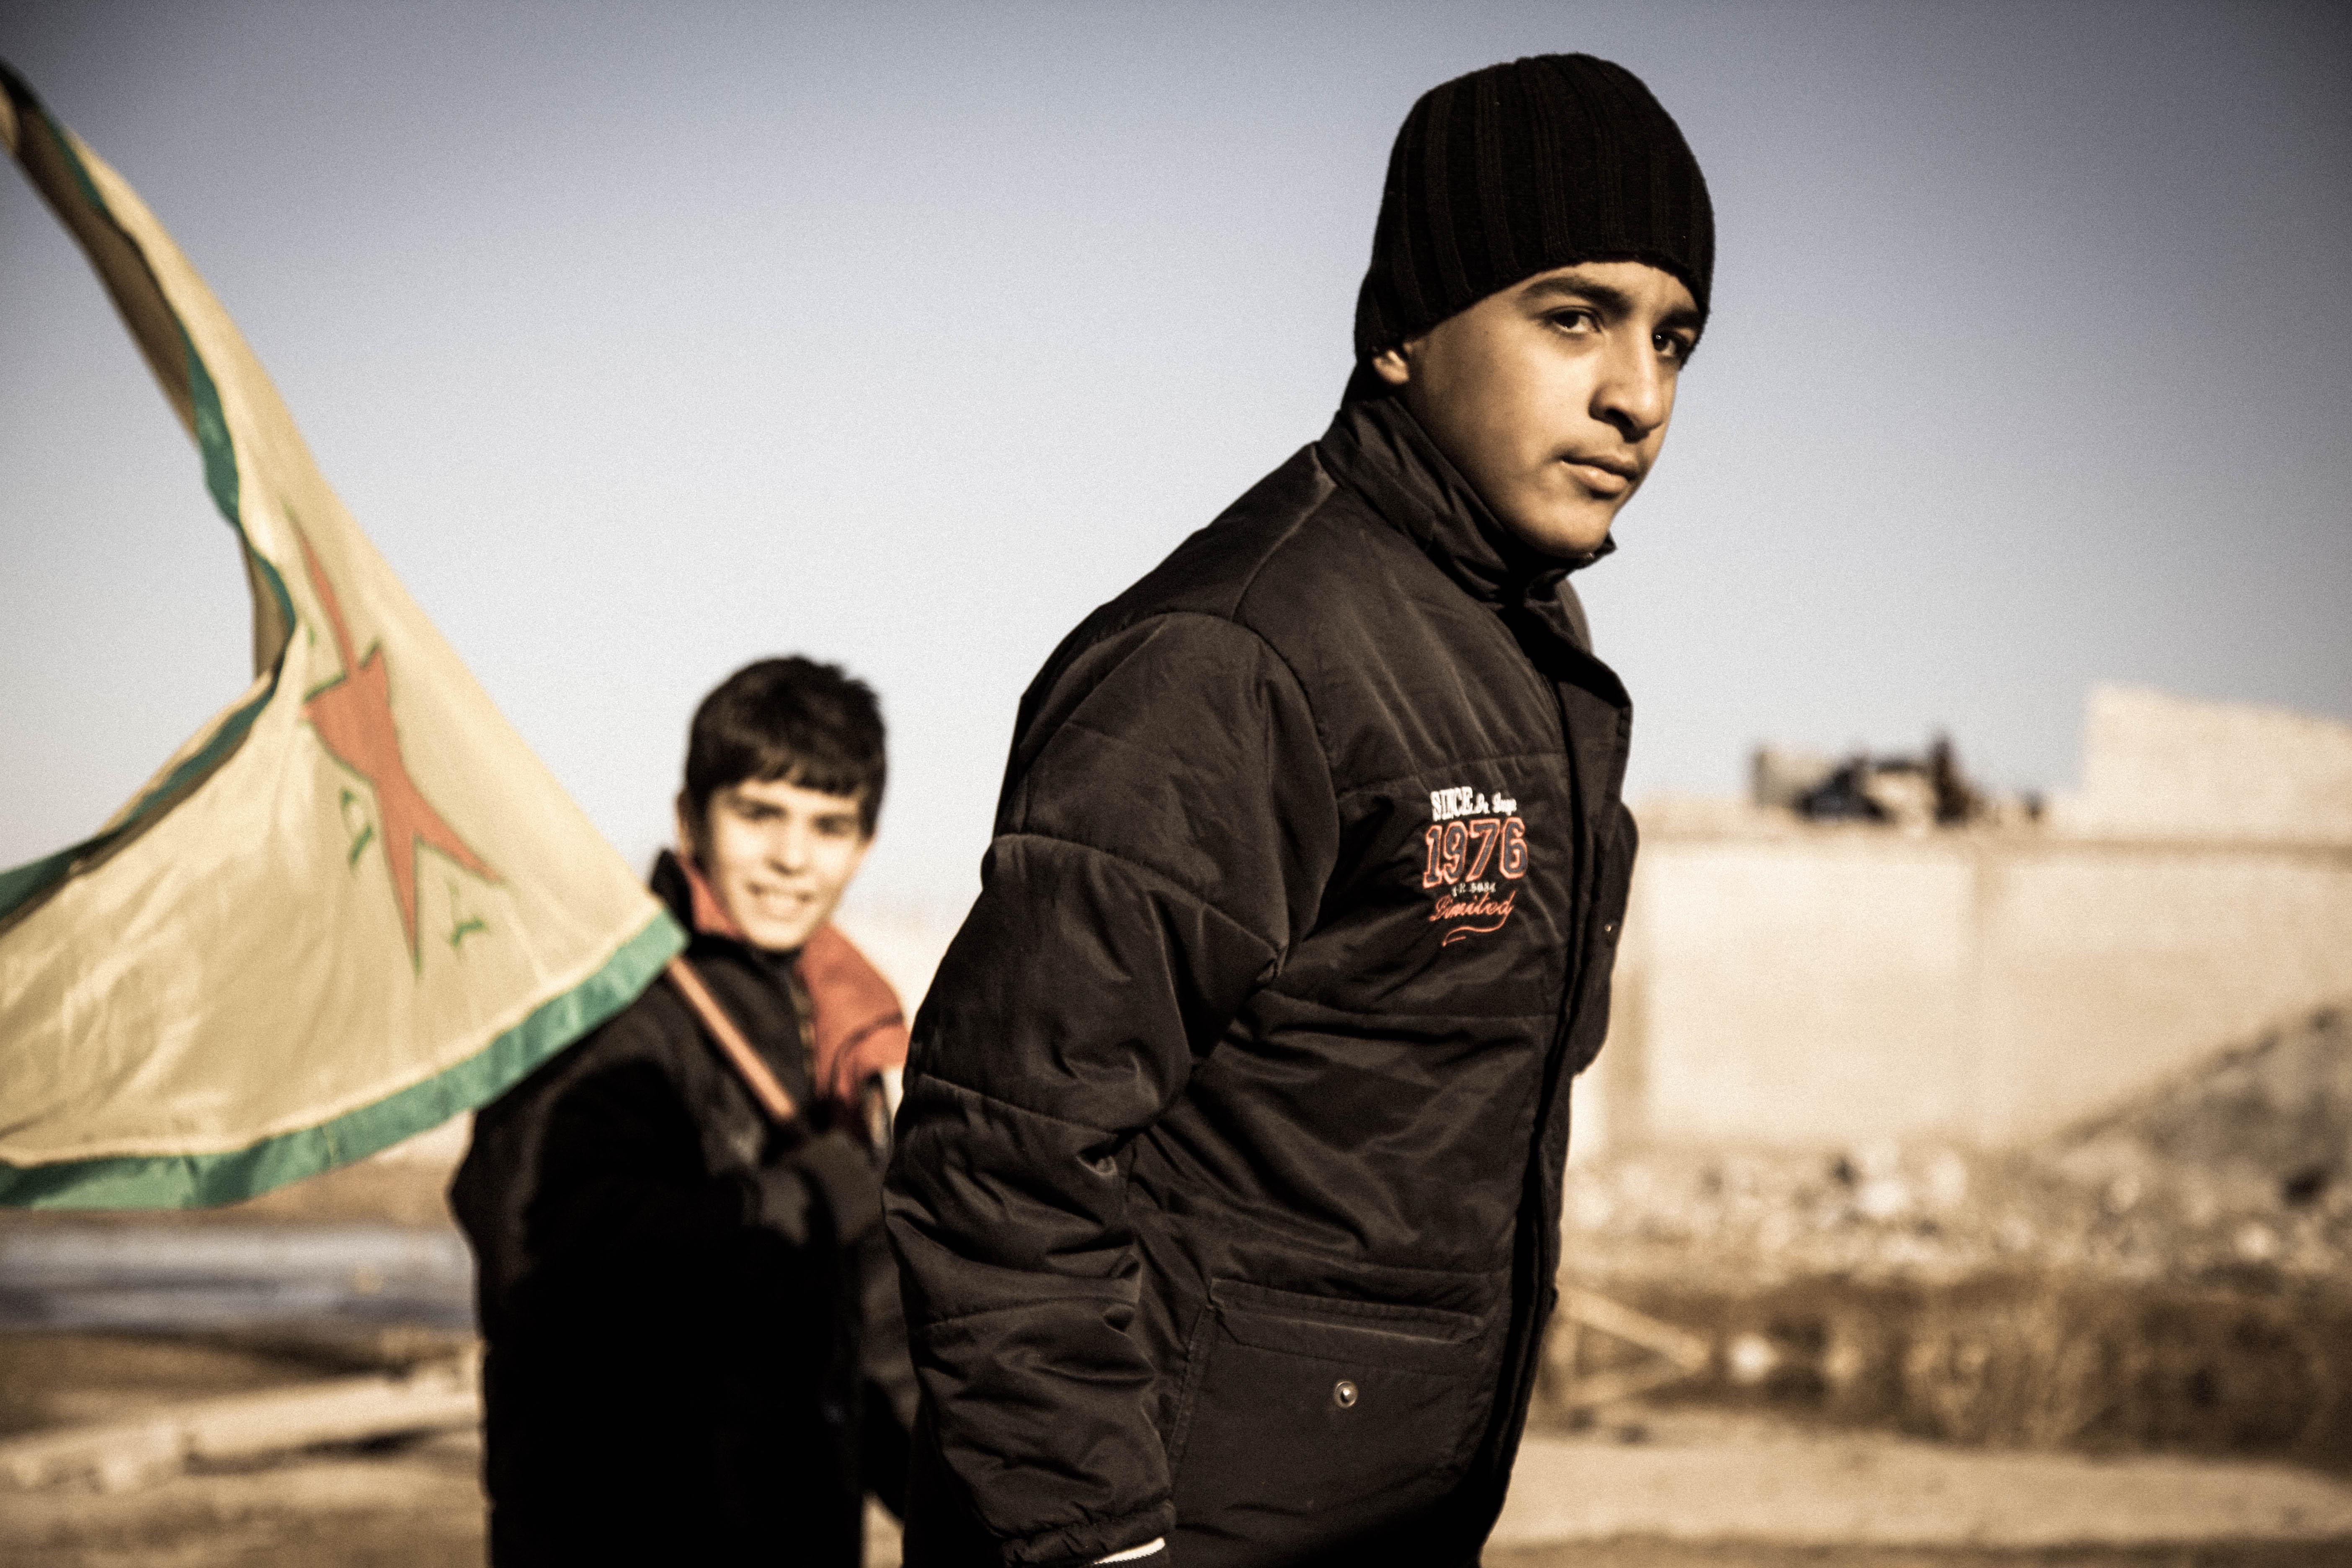 Year anniversary: Kobane liberation